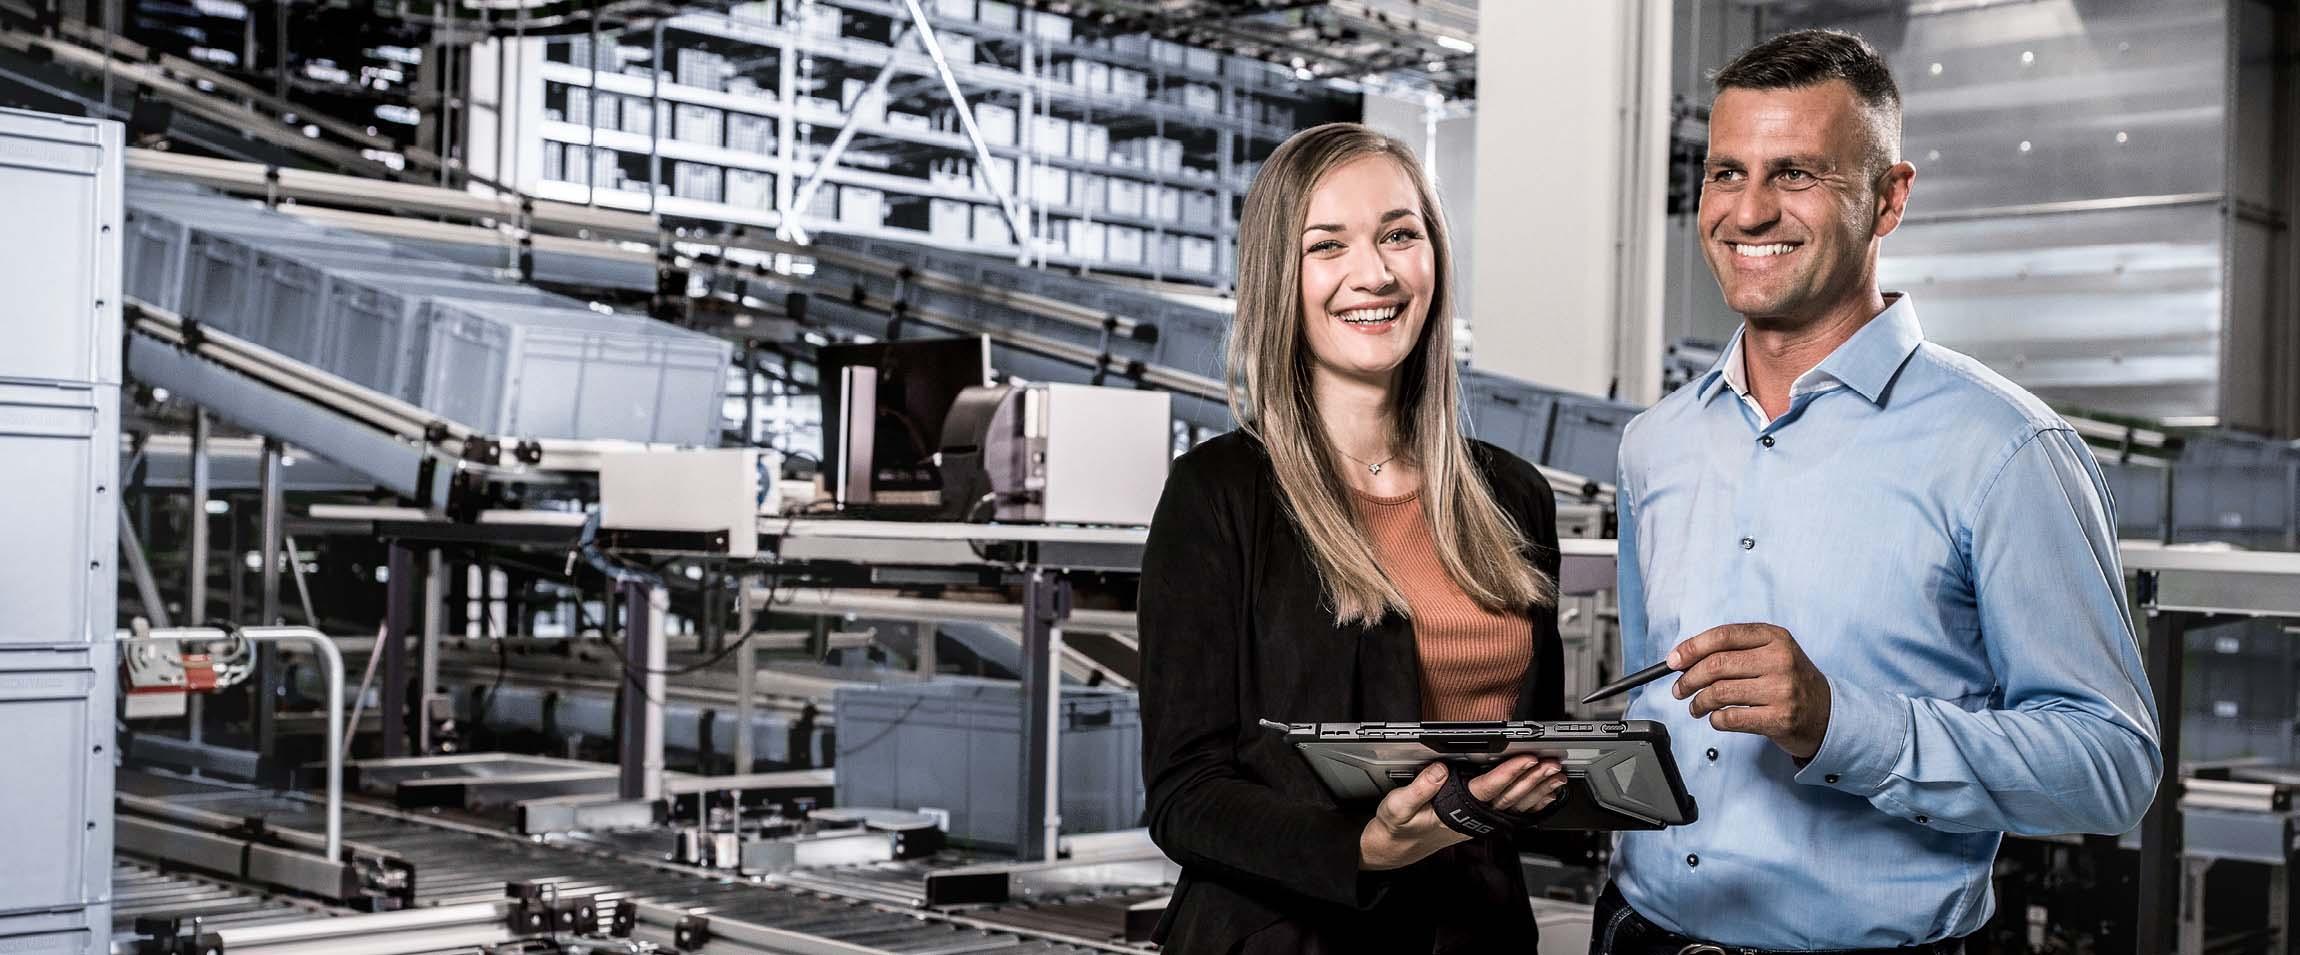 TGW Logistics Group als Arbeitgeber - Mitarbeiter in der Intralogistik